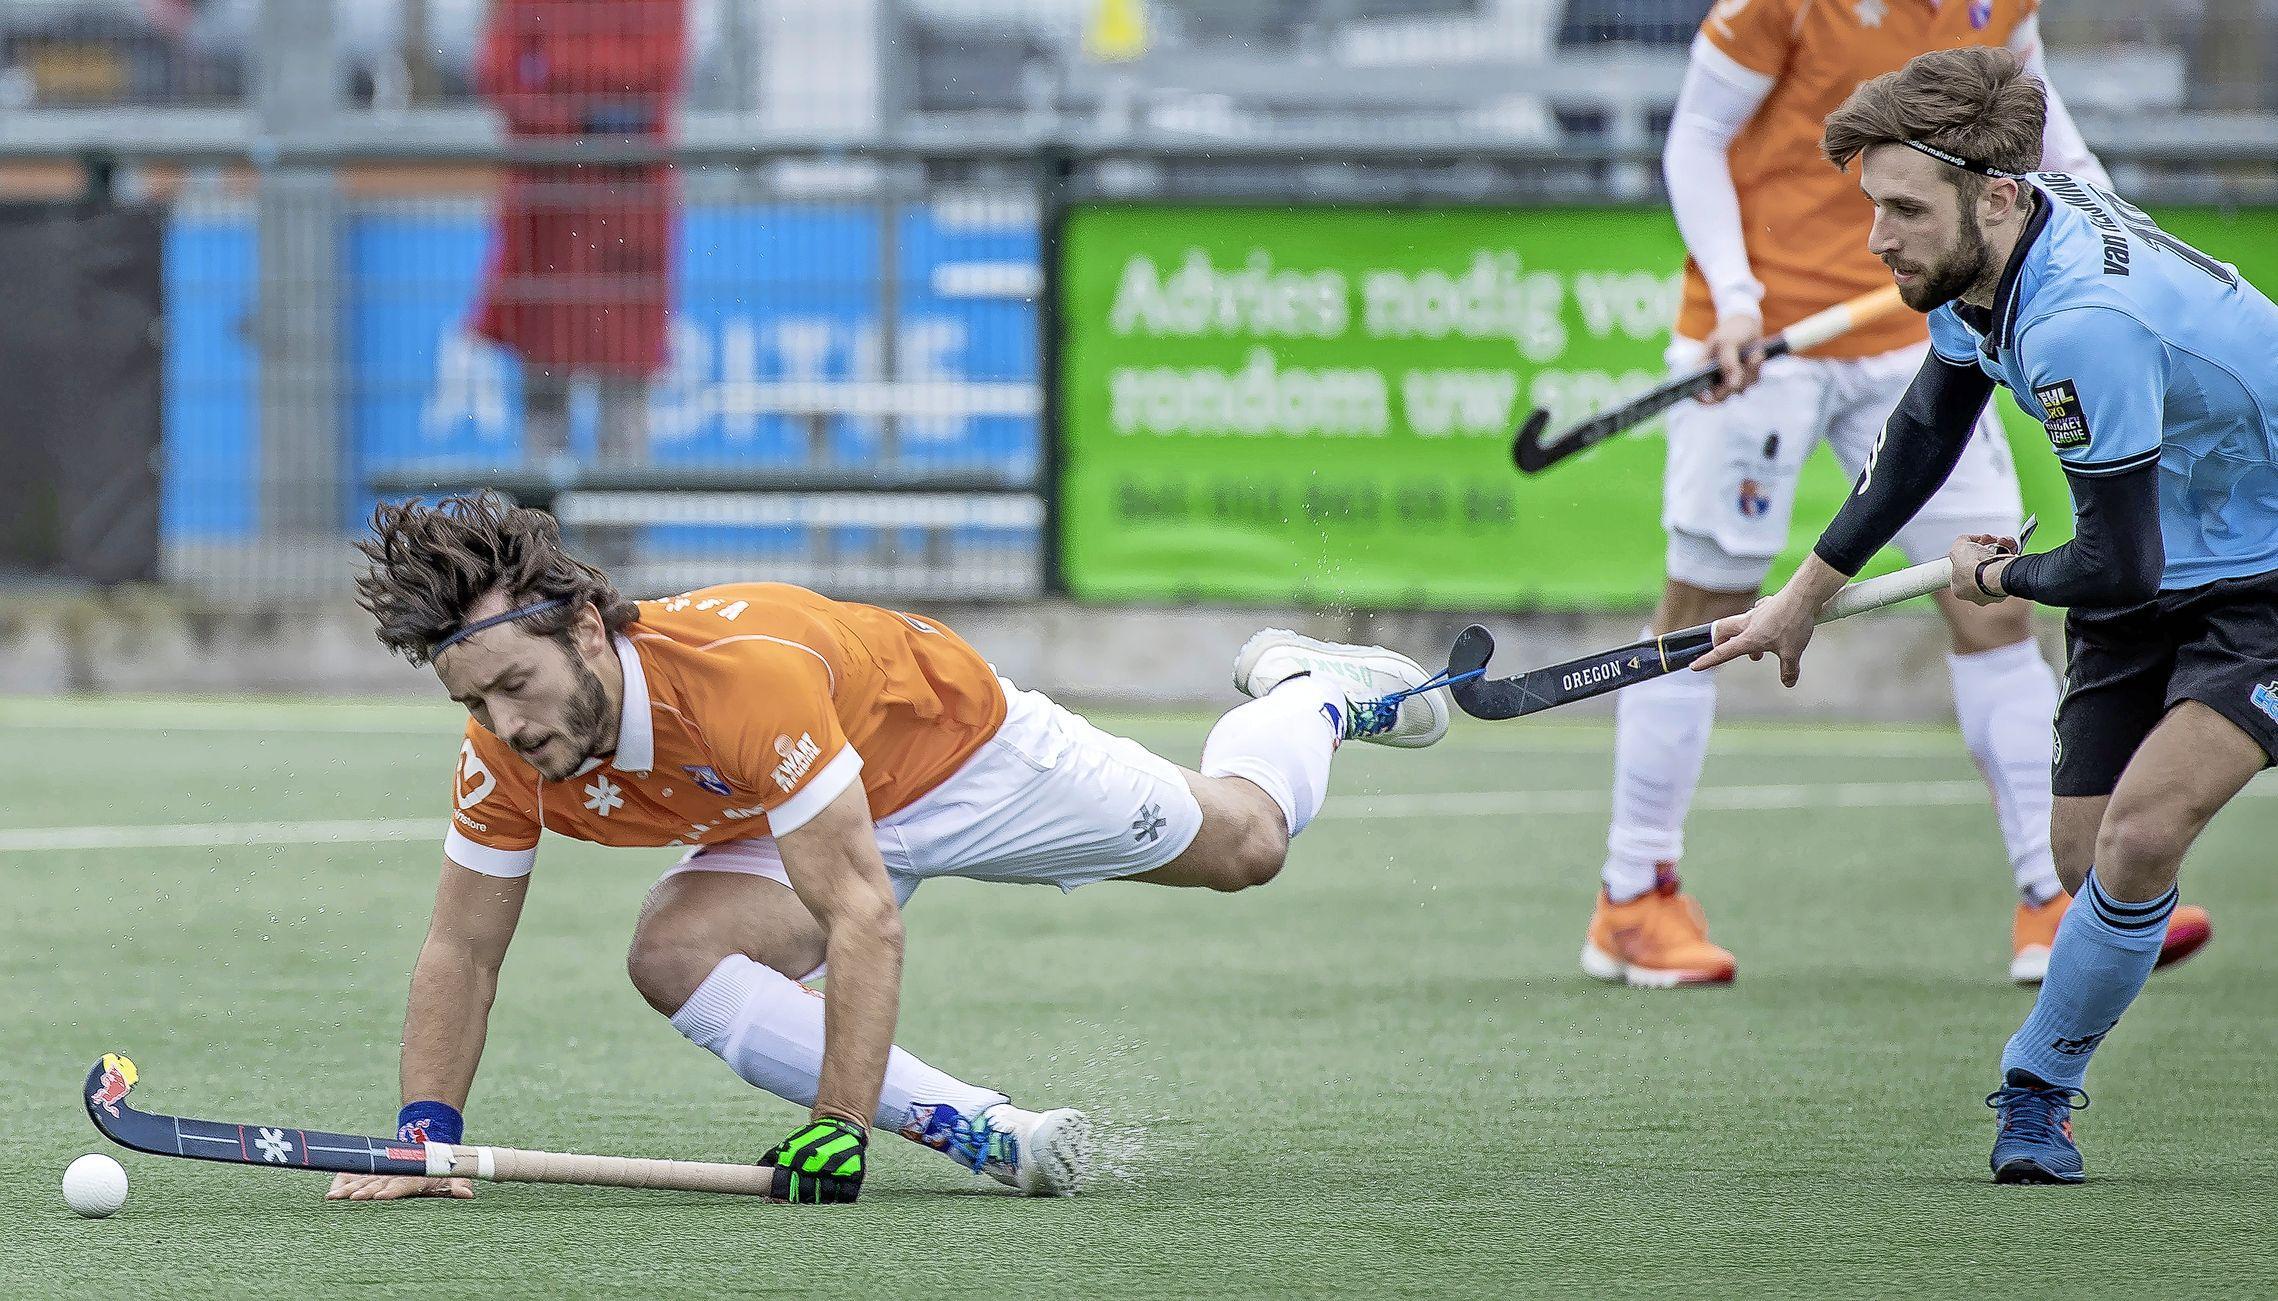 Van Doren is beste hockeyer in de Nederlandse competitie